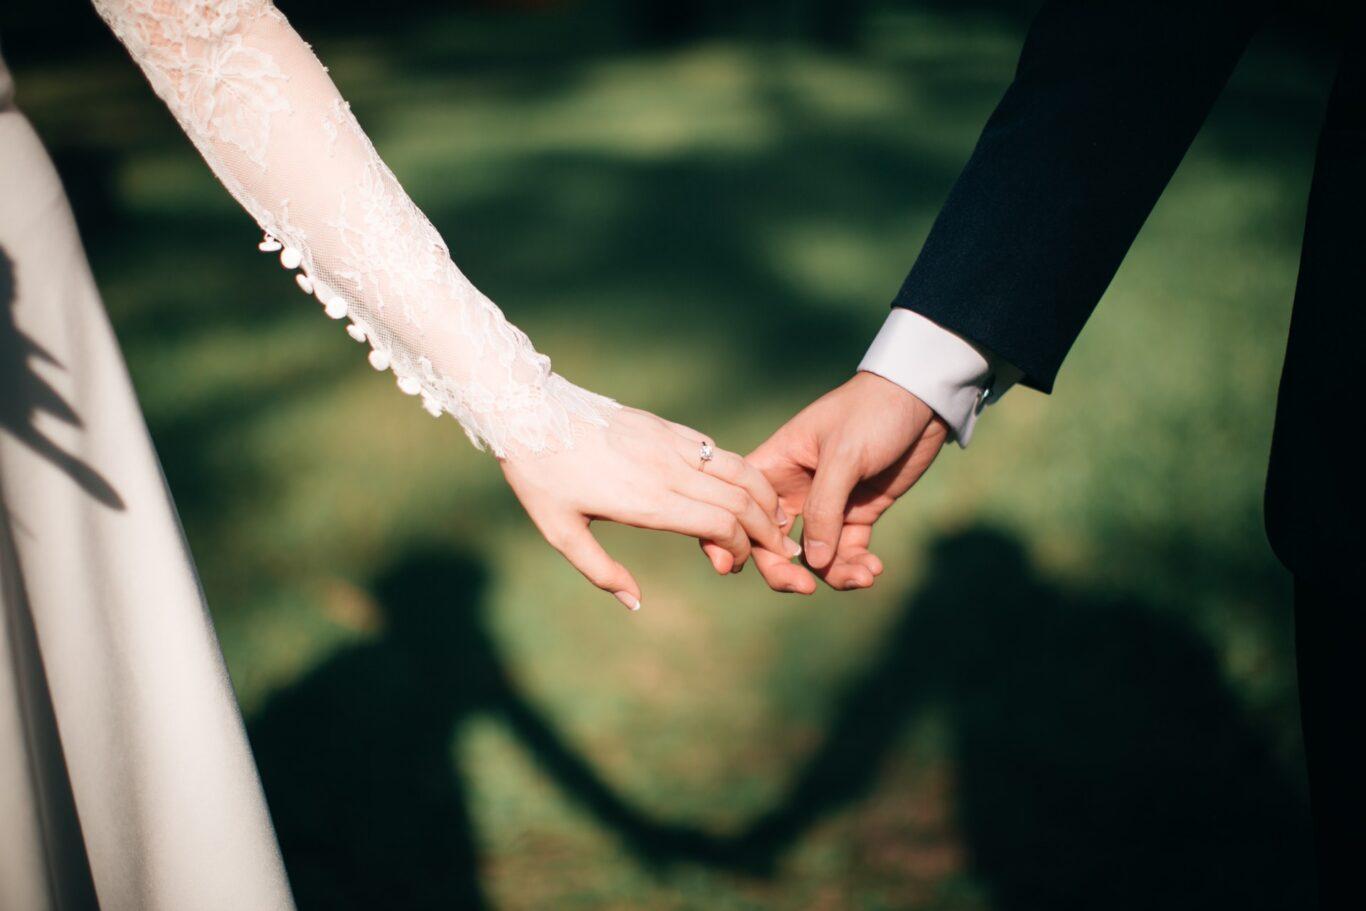 Η εβδομάδα του γάμου σε αντίστροφη μέτρηση